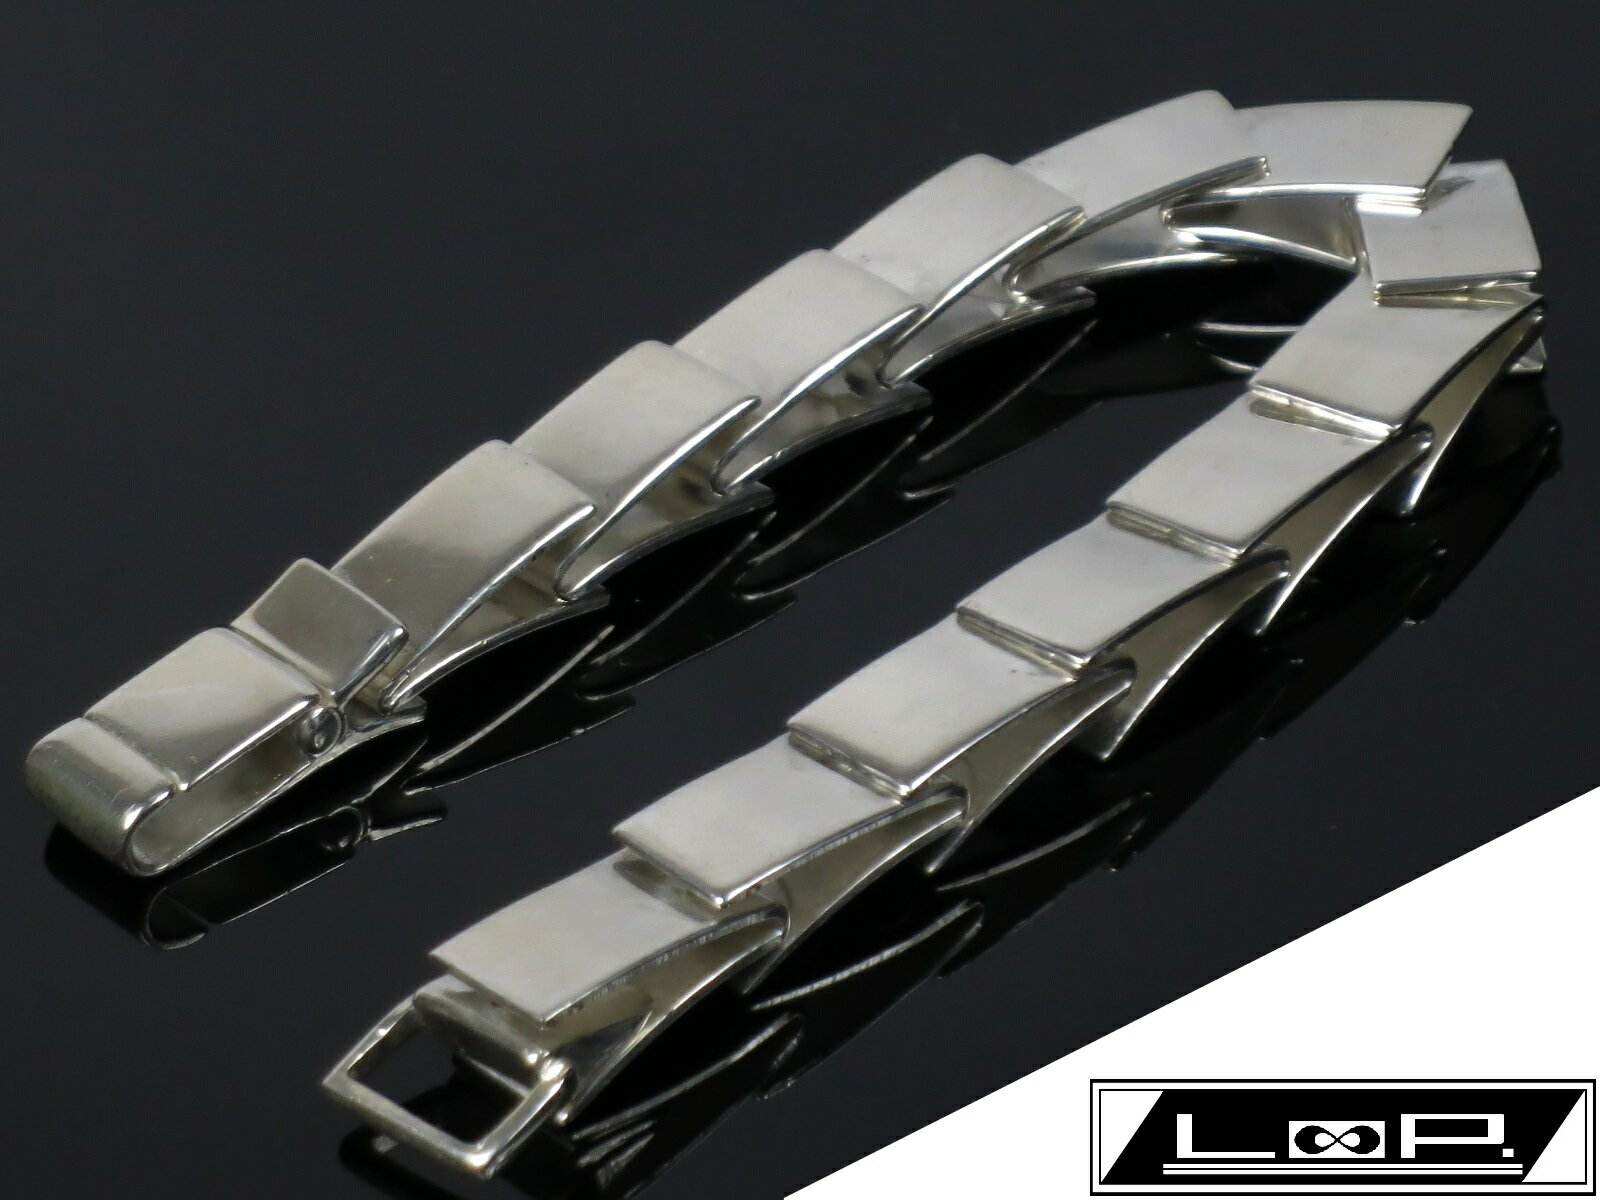 【SALE】【美品】 GUCCI グッチ ブレスレット プレート アクセサリー ビンテージ シルバー SV 925 【A16219】 【中古】